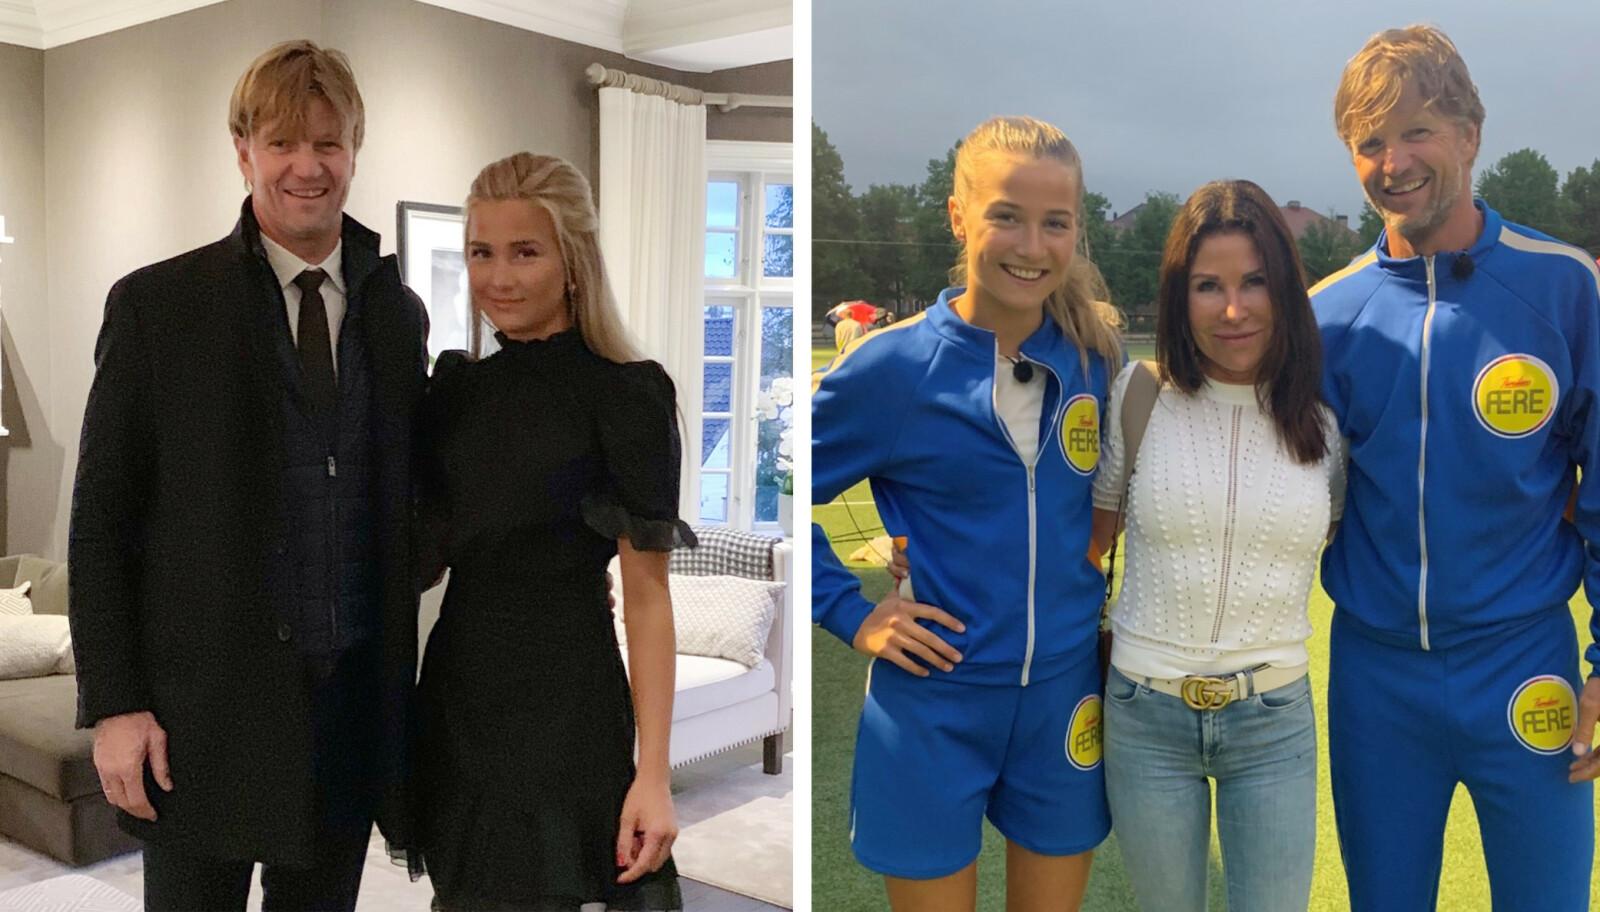 KONKURRANSEINSTINKT: Birgitte er vokst opp med både foreldre og søsken som elsker å konkurrere. Her med mamma og pappa Linda og Bjørn Maaseide. FOTO: Privat